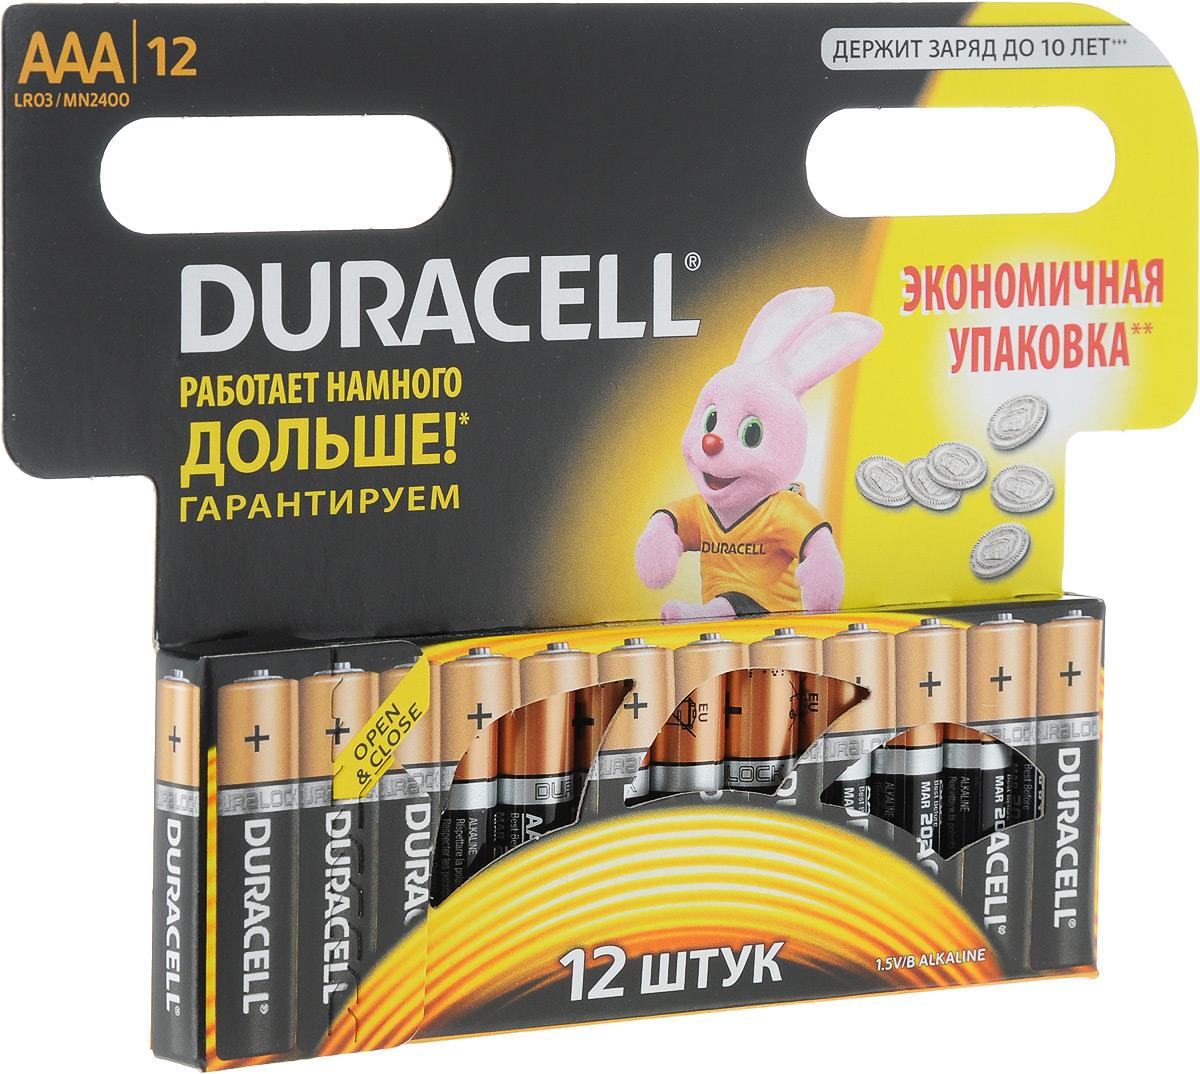 Набор алкалиновых батареек Duracell, тип AAА, 12 шт7371Щелочной элемент питания Duracell - оптимальный выбор для использования в современных приборах. Особенно эффективны в таких изделиях как плееры, фонари, пульты дистанционного управления, фотовспышки, часы, диктофоны, электронные игрушки, переносные ТВ и т.д.Не разбирать, не перезаряжать, не подносить к открытому огню. Не устанавливать одновременно новые и использованные батарейки, а также батарейки различных марок, систем и типов. При установке соблюдать полярность (+/-). Хранить в недоступном для детей месте. Характеристики:Тип элемента питания: AAА (LR03). Размер упаковки: 16,3 см x 1,5 см x 12 см. Комплектация: 12 шт.